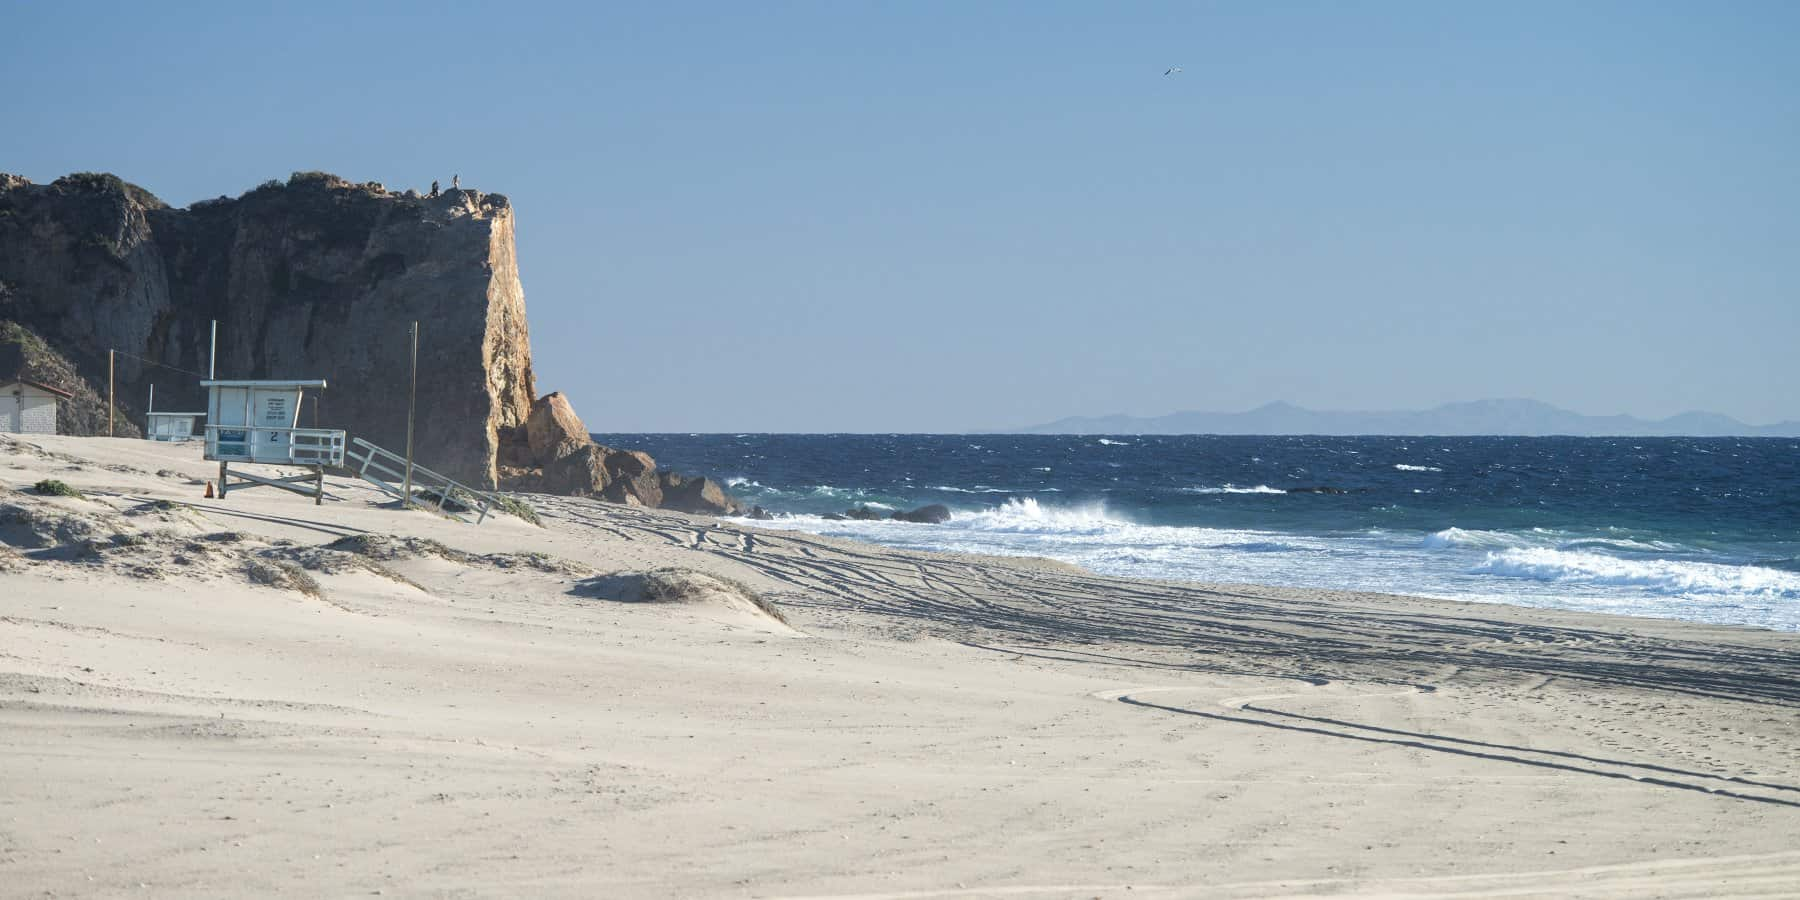 zuma-county-beach-malibu